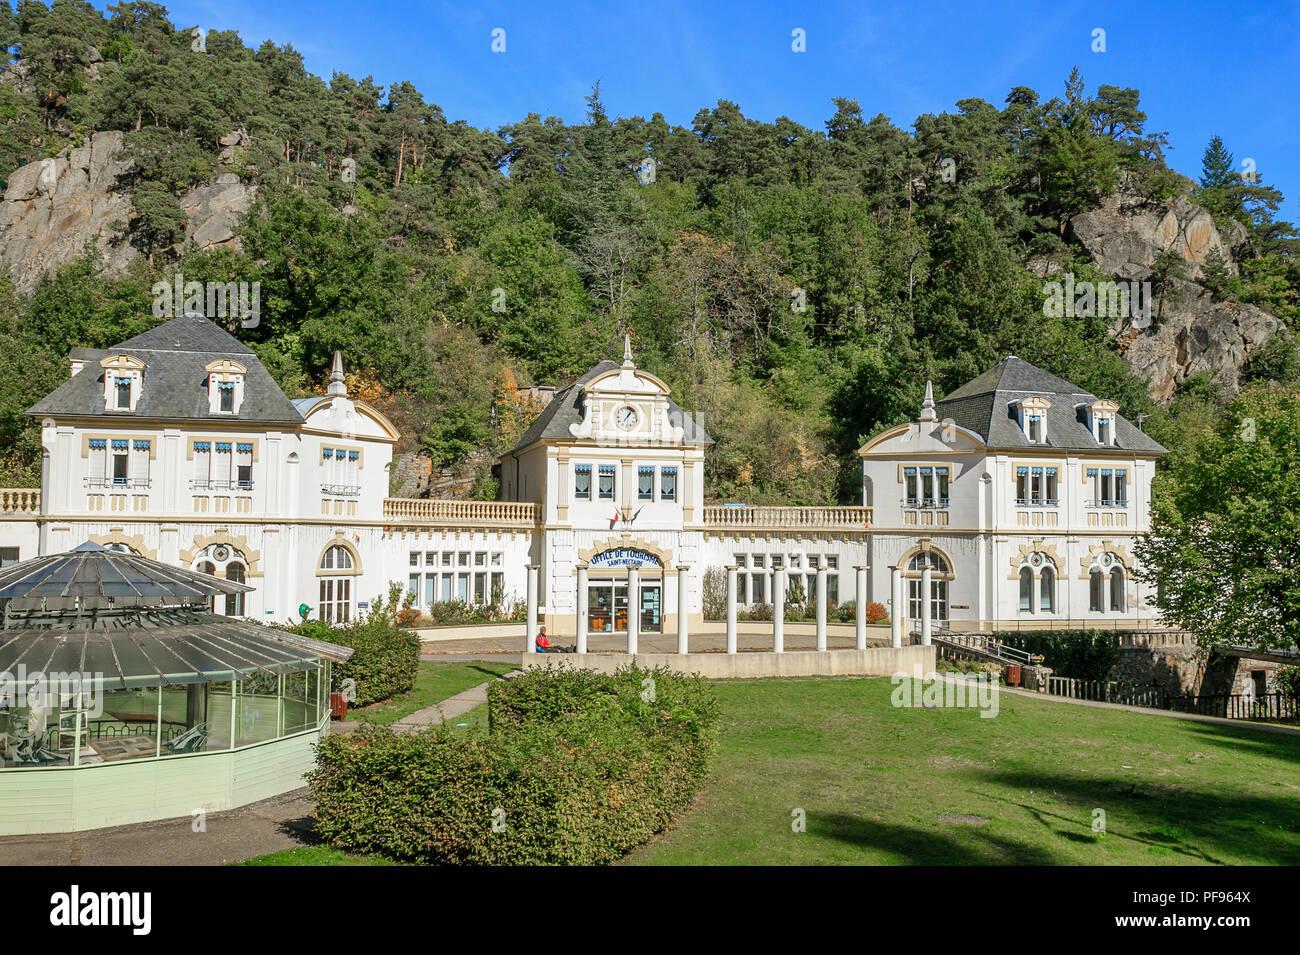 France, Puy de Dome, Volcans Auvergne Regional Natural Park, Massif du Sancy, Monts Dore, Saint Nectaire, the former Big Thermal baths present tourist - Stock Image